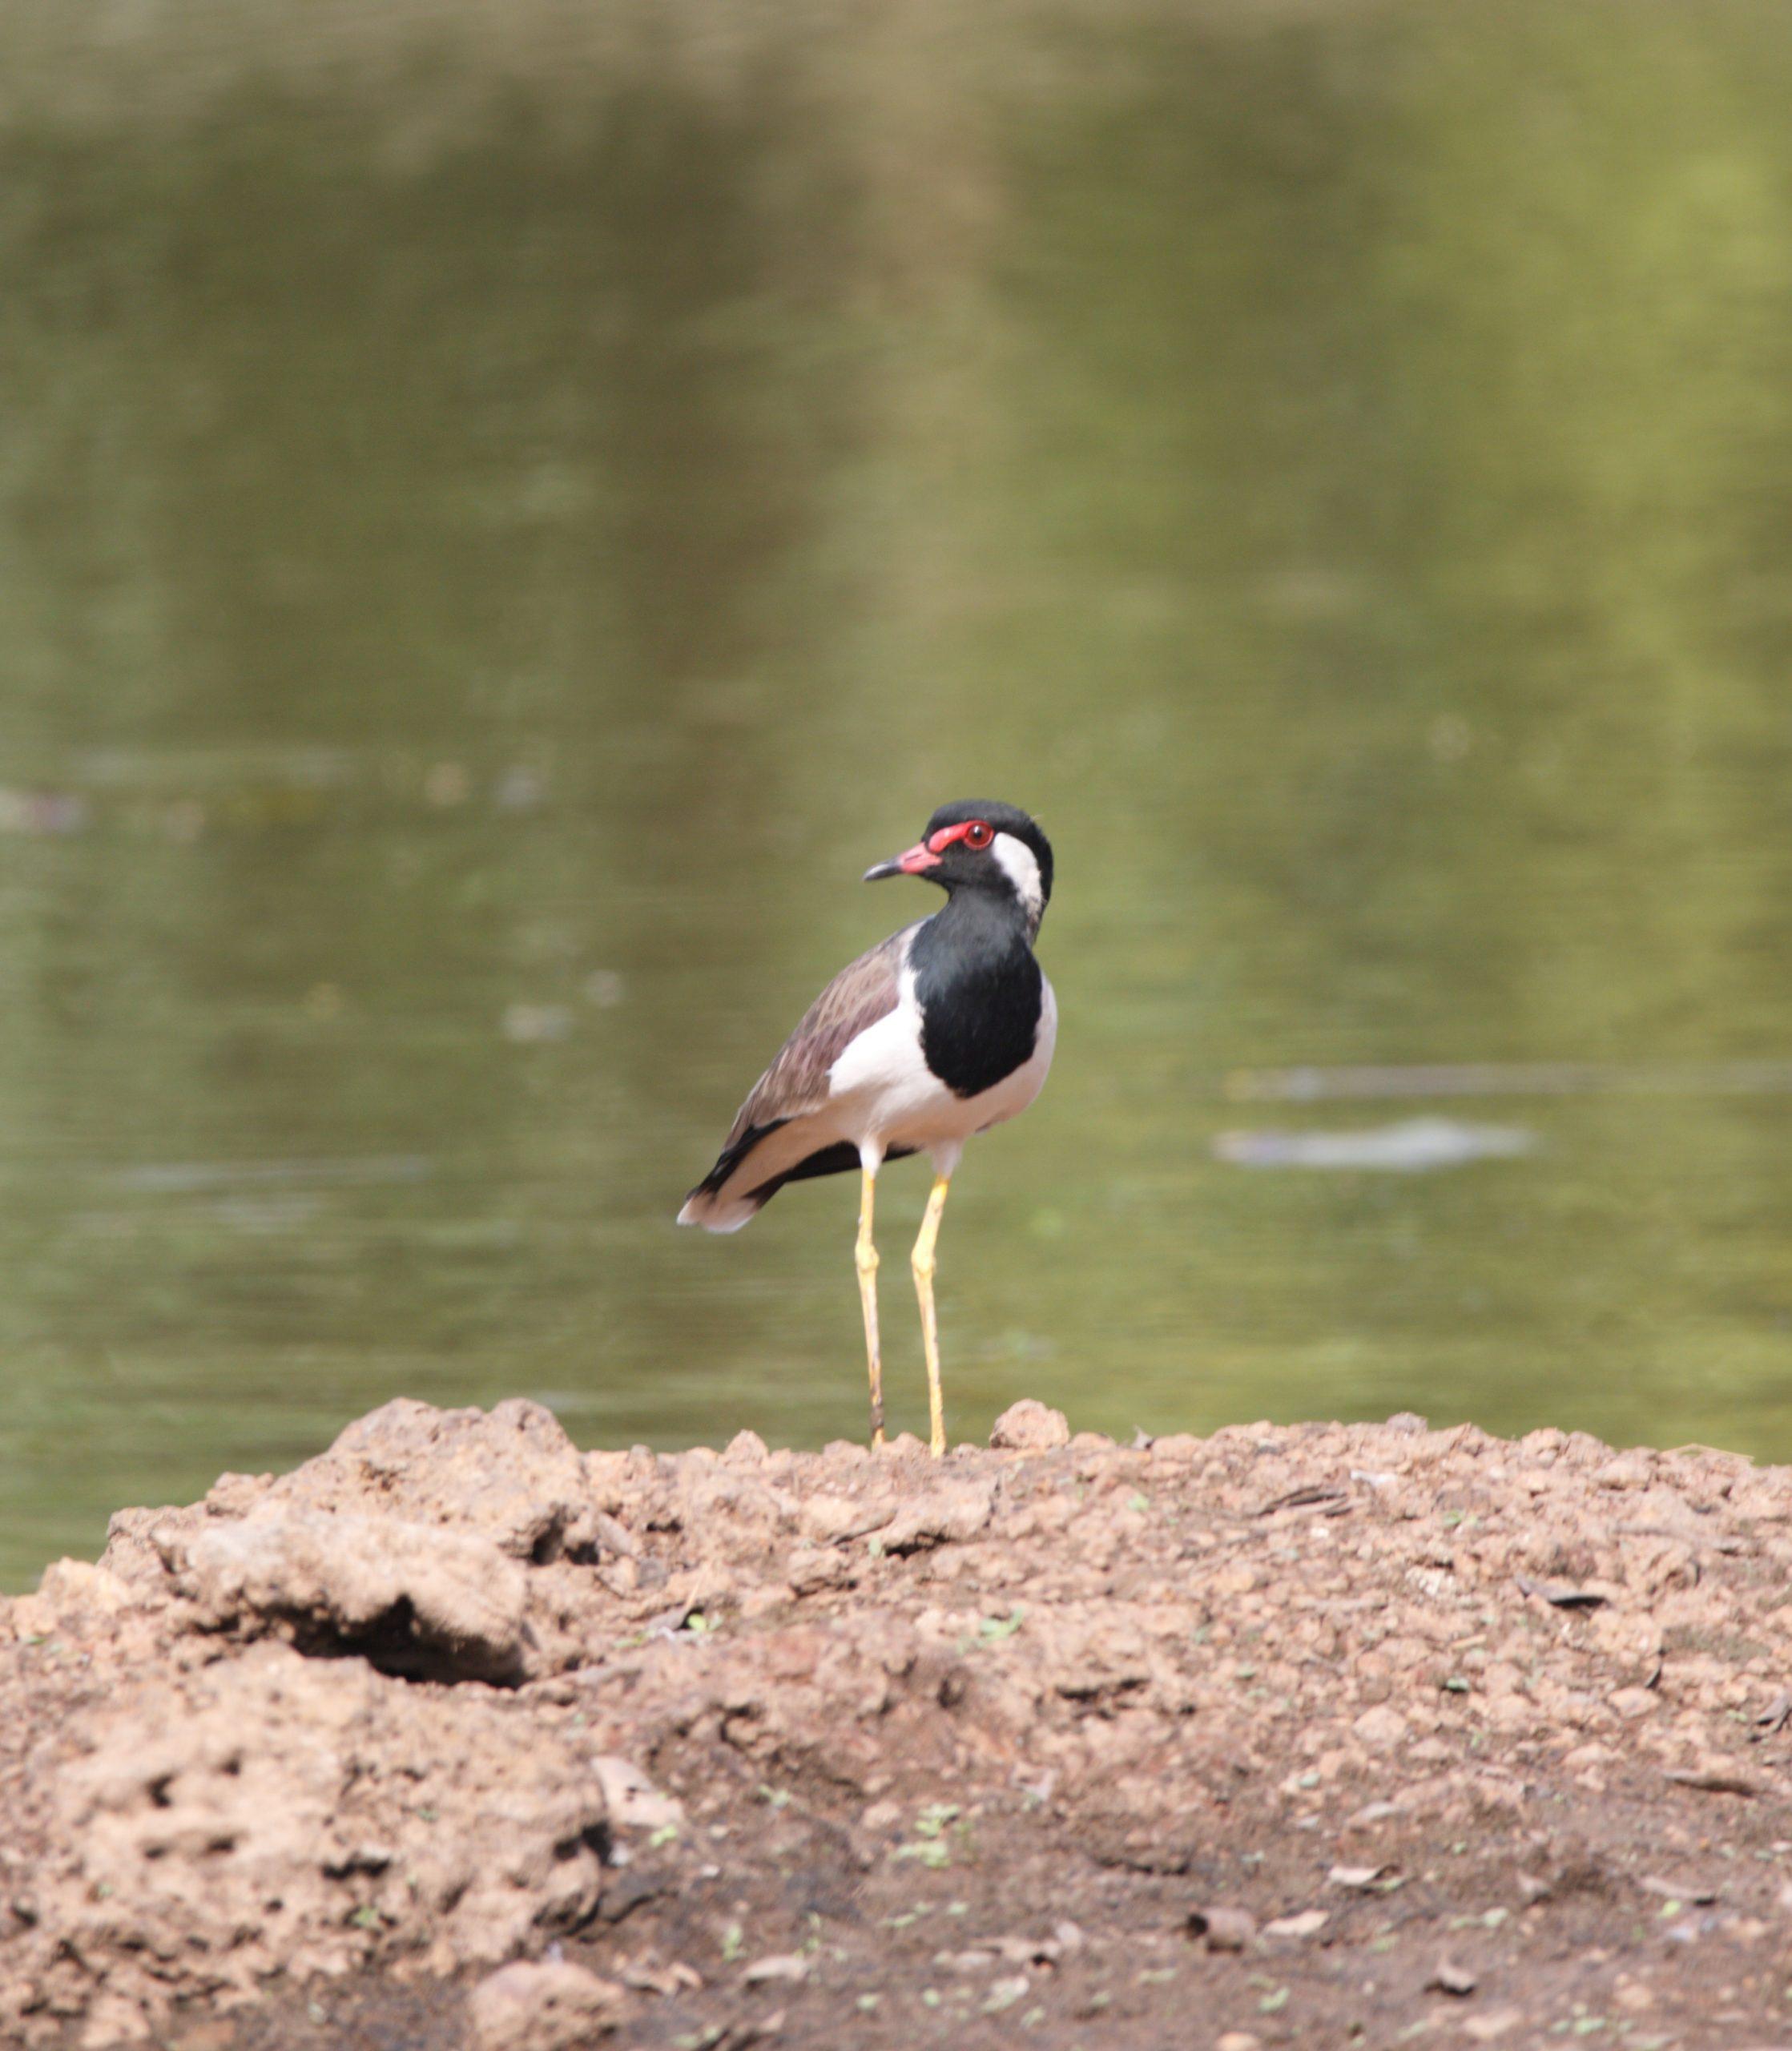 Bird beside a pond